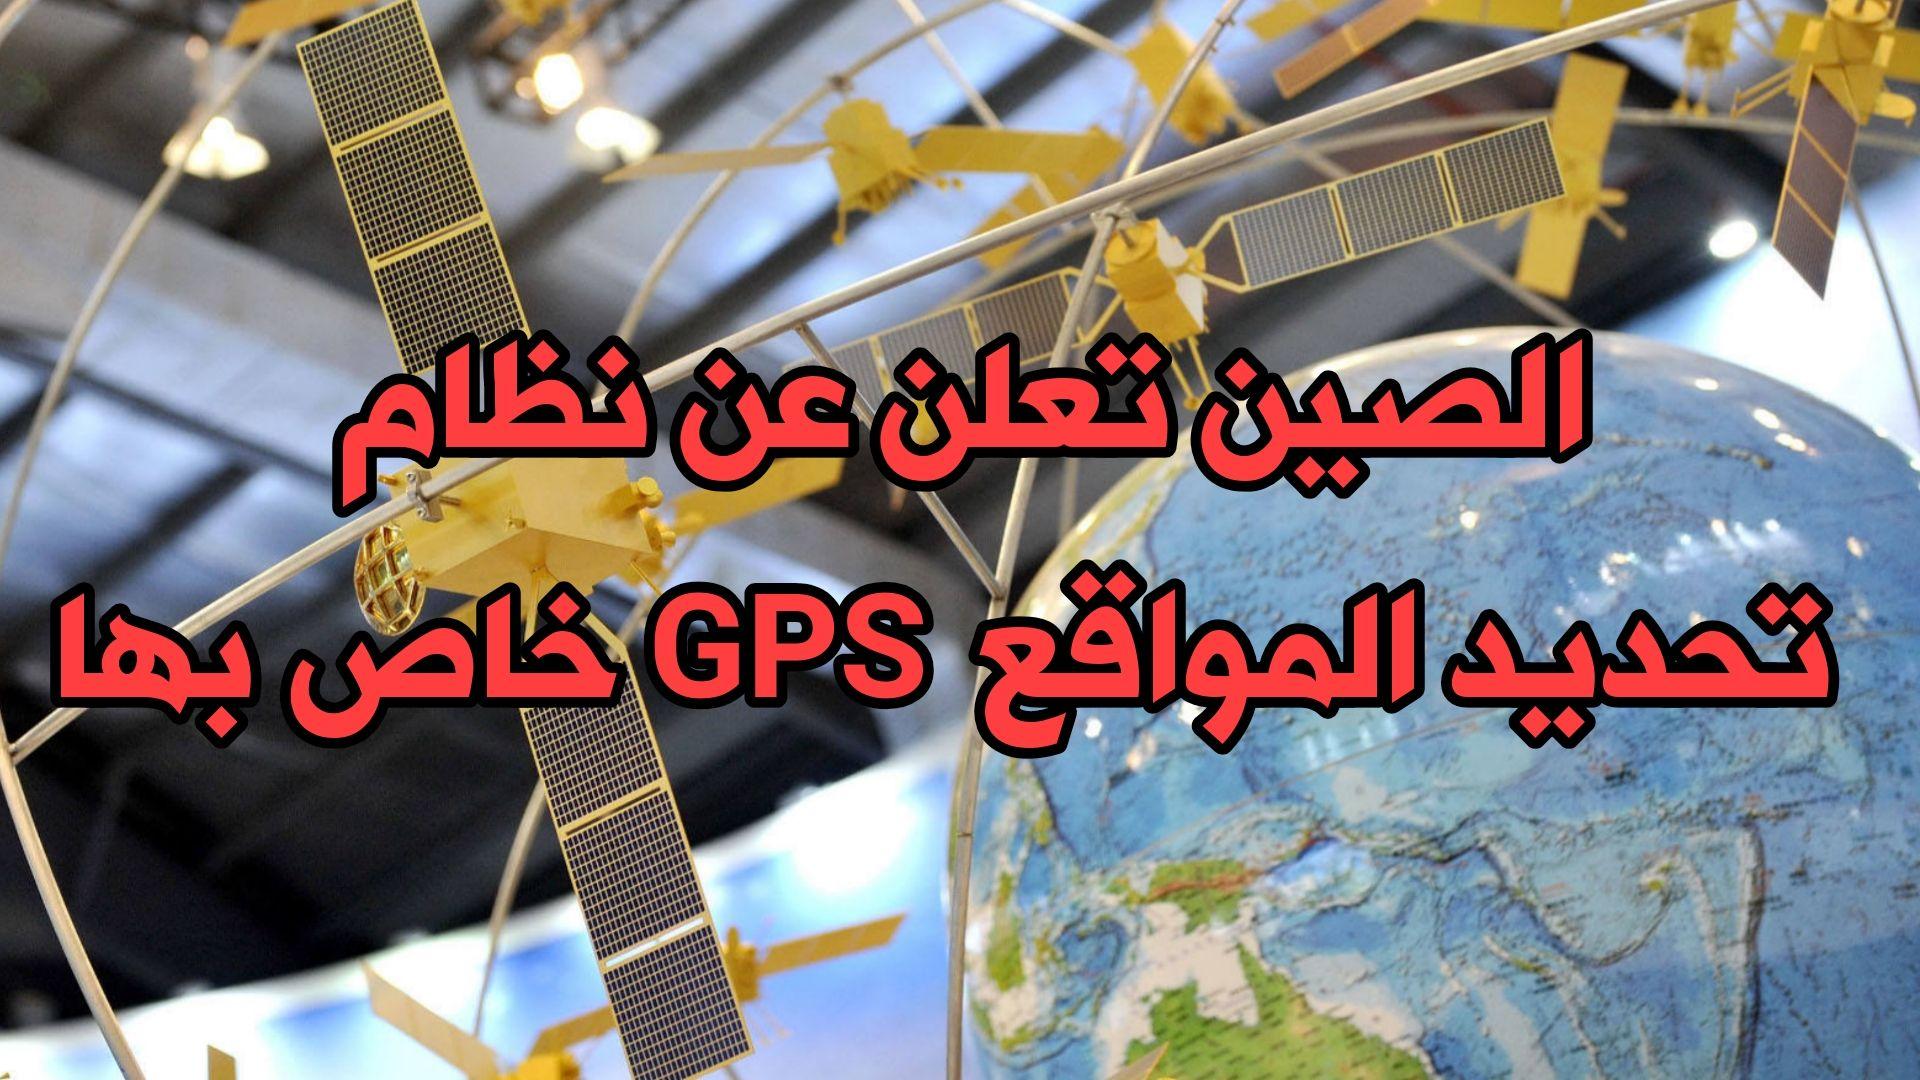 الصين تعلن عن نظام تحديد المواقع GPS الخاص بها عبر الأقمار الصناعية قريباً وبذلك تنافس GPS الأمريكي